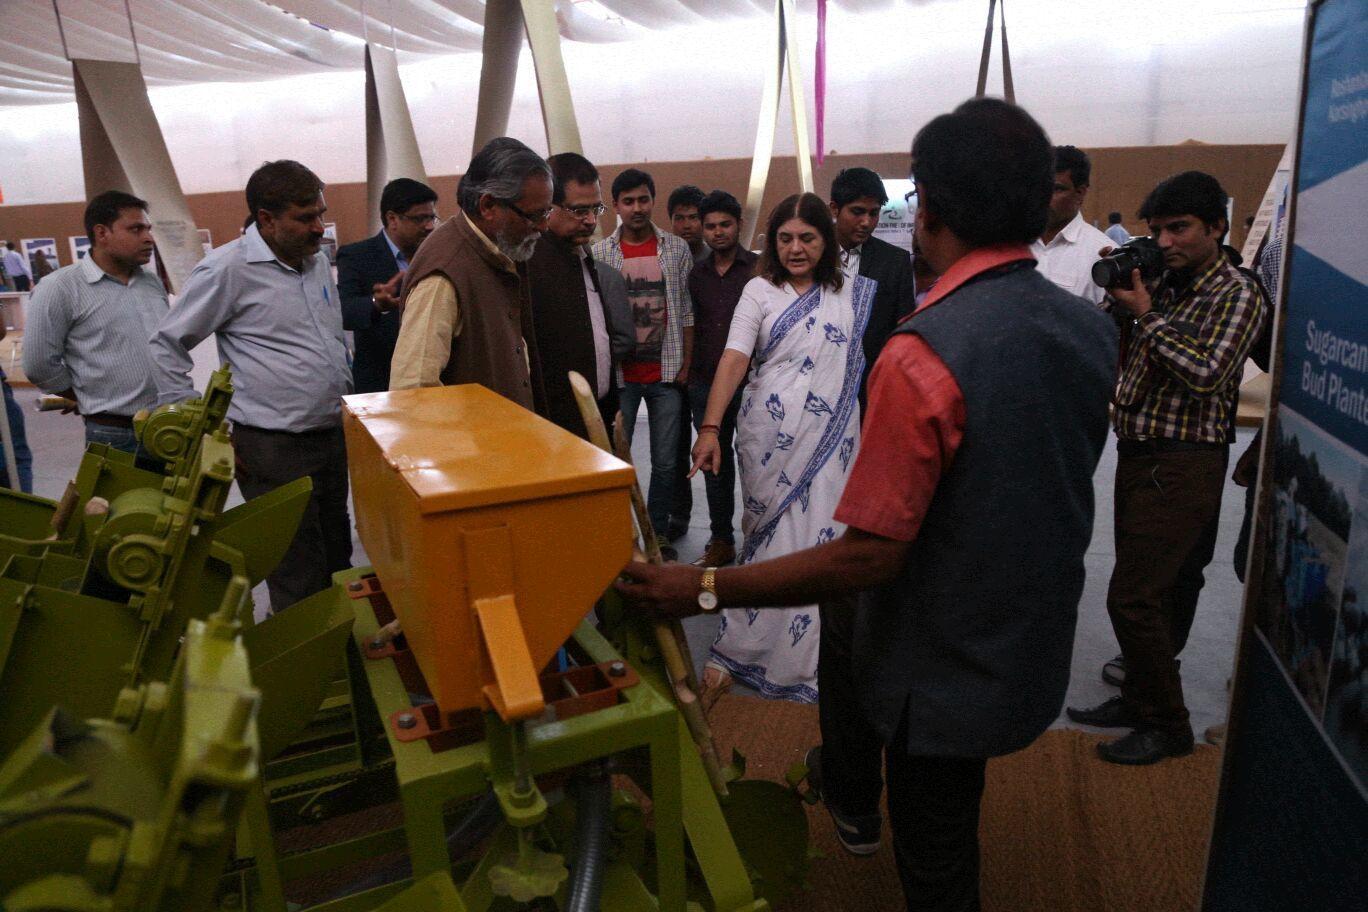 एक्सपो में केंद्रीय मंत्री मेनका गांधी, रोशनलाल की बनाई मशीन का डेमो देखते हुए